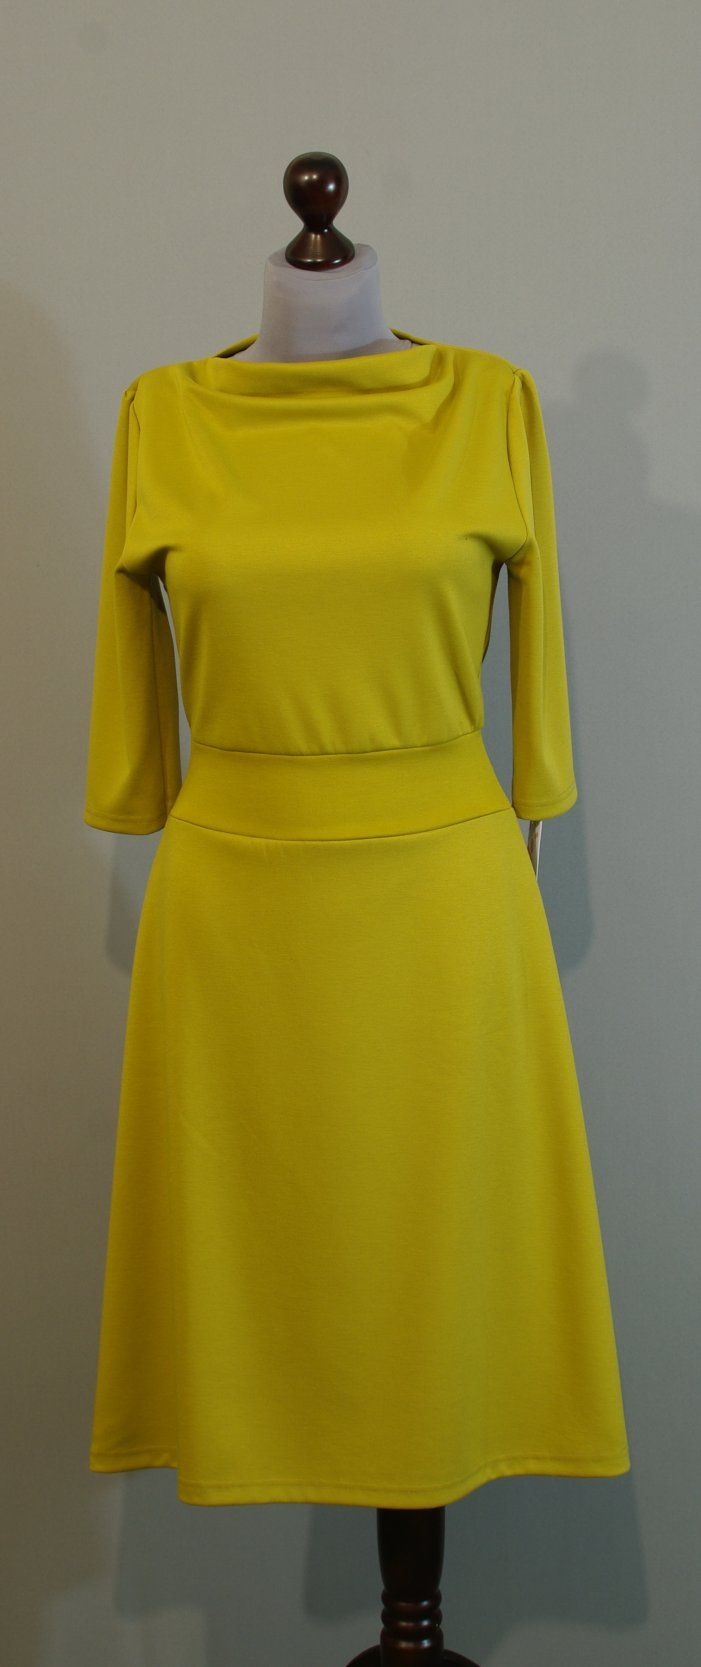 Оливковое платье трапеция, Украина сайт Платье-терапия (171)